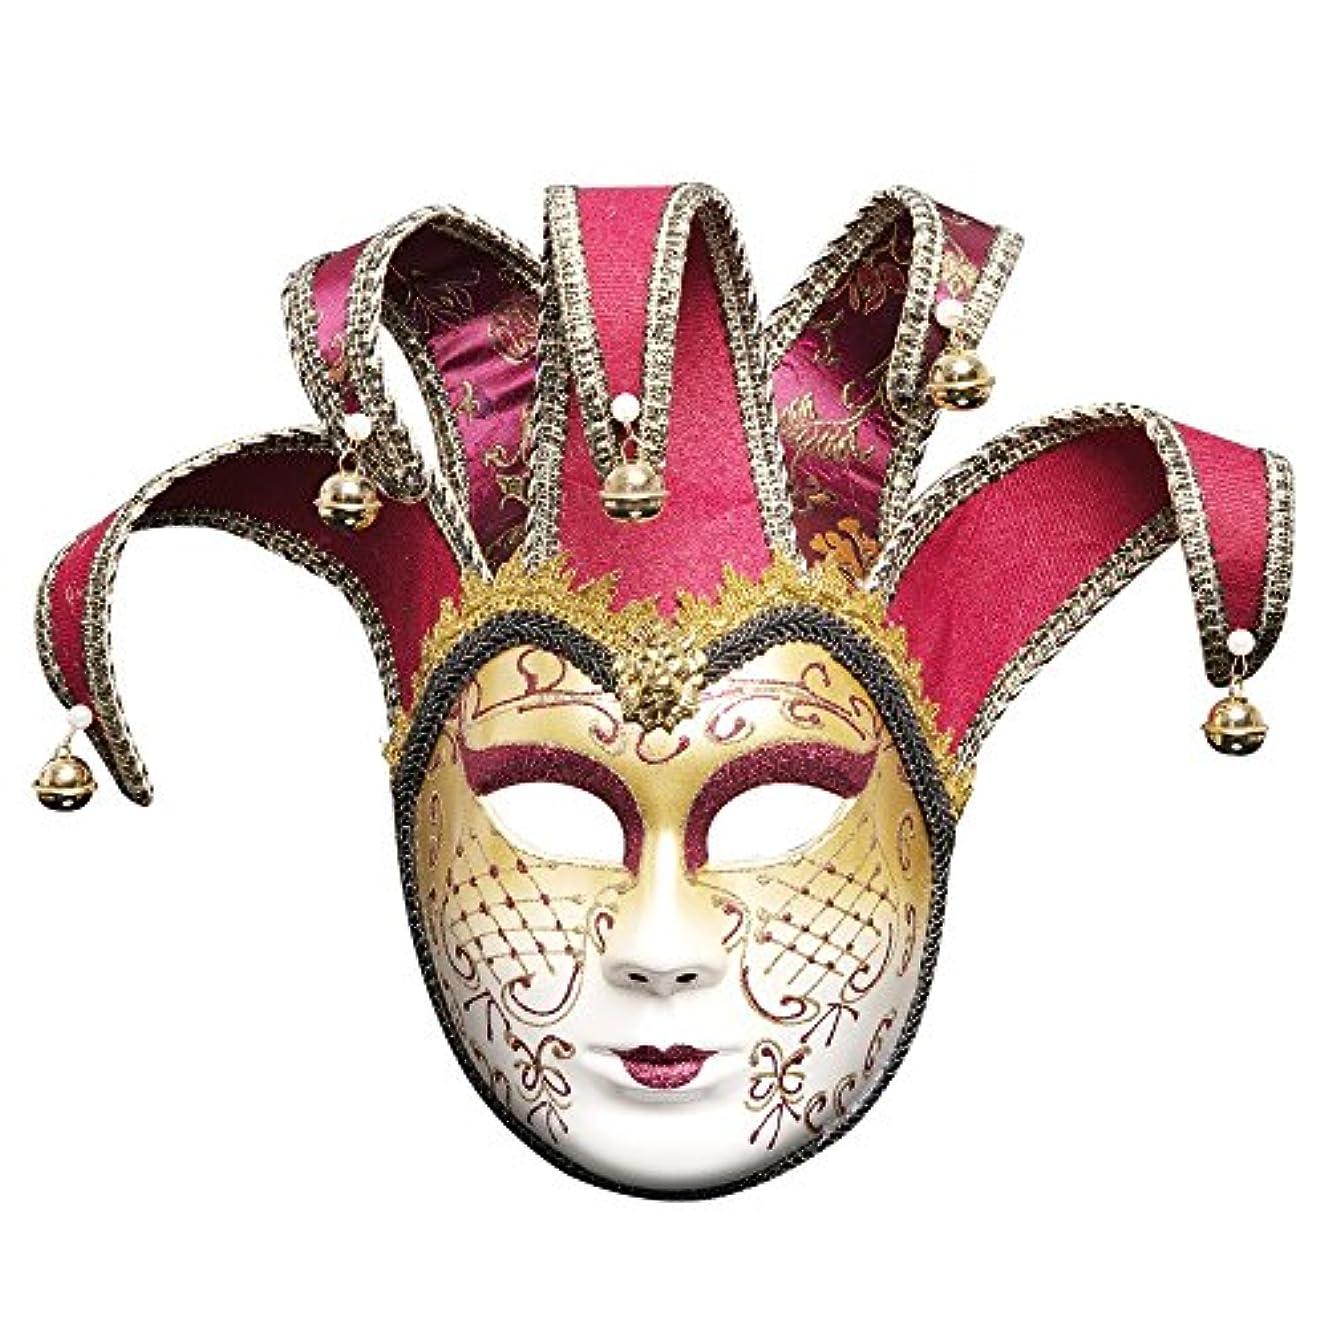 怖がって死ぬ松引き潮ハロウィンボールパーティーマスククリスマスクリエイティブ新しいフルフェイスメイクアップマスク (Color : A)